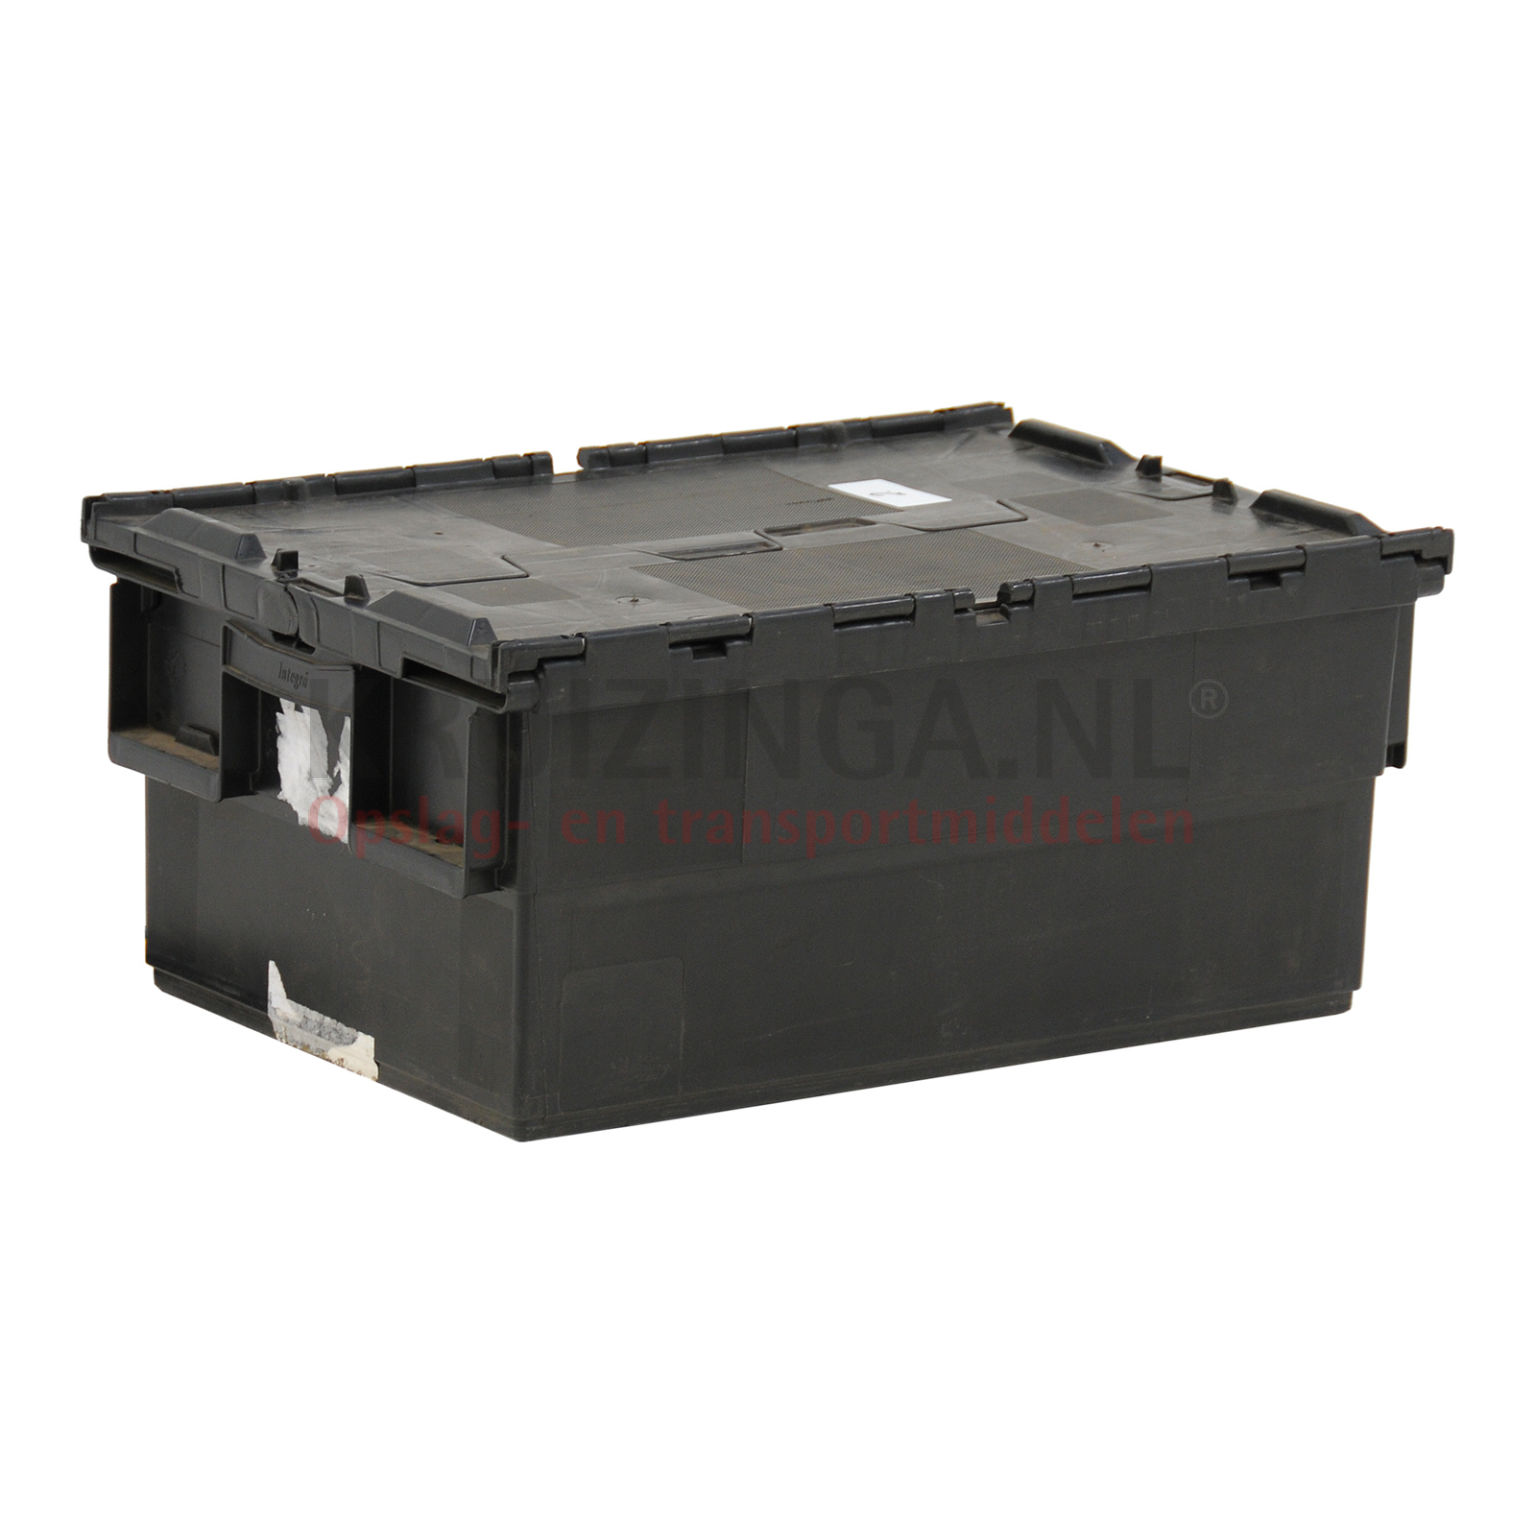 stapelboxen kunststoff schachtel und stapelbar mit 2 teiligem deckel gebraucht. Black Bedroom Furniture Sets. Home Design Ideas